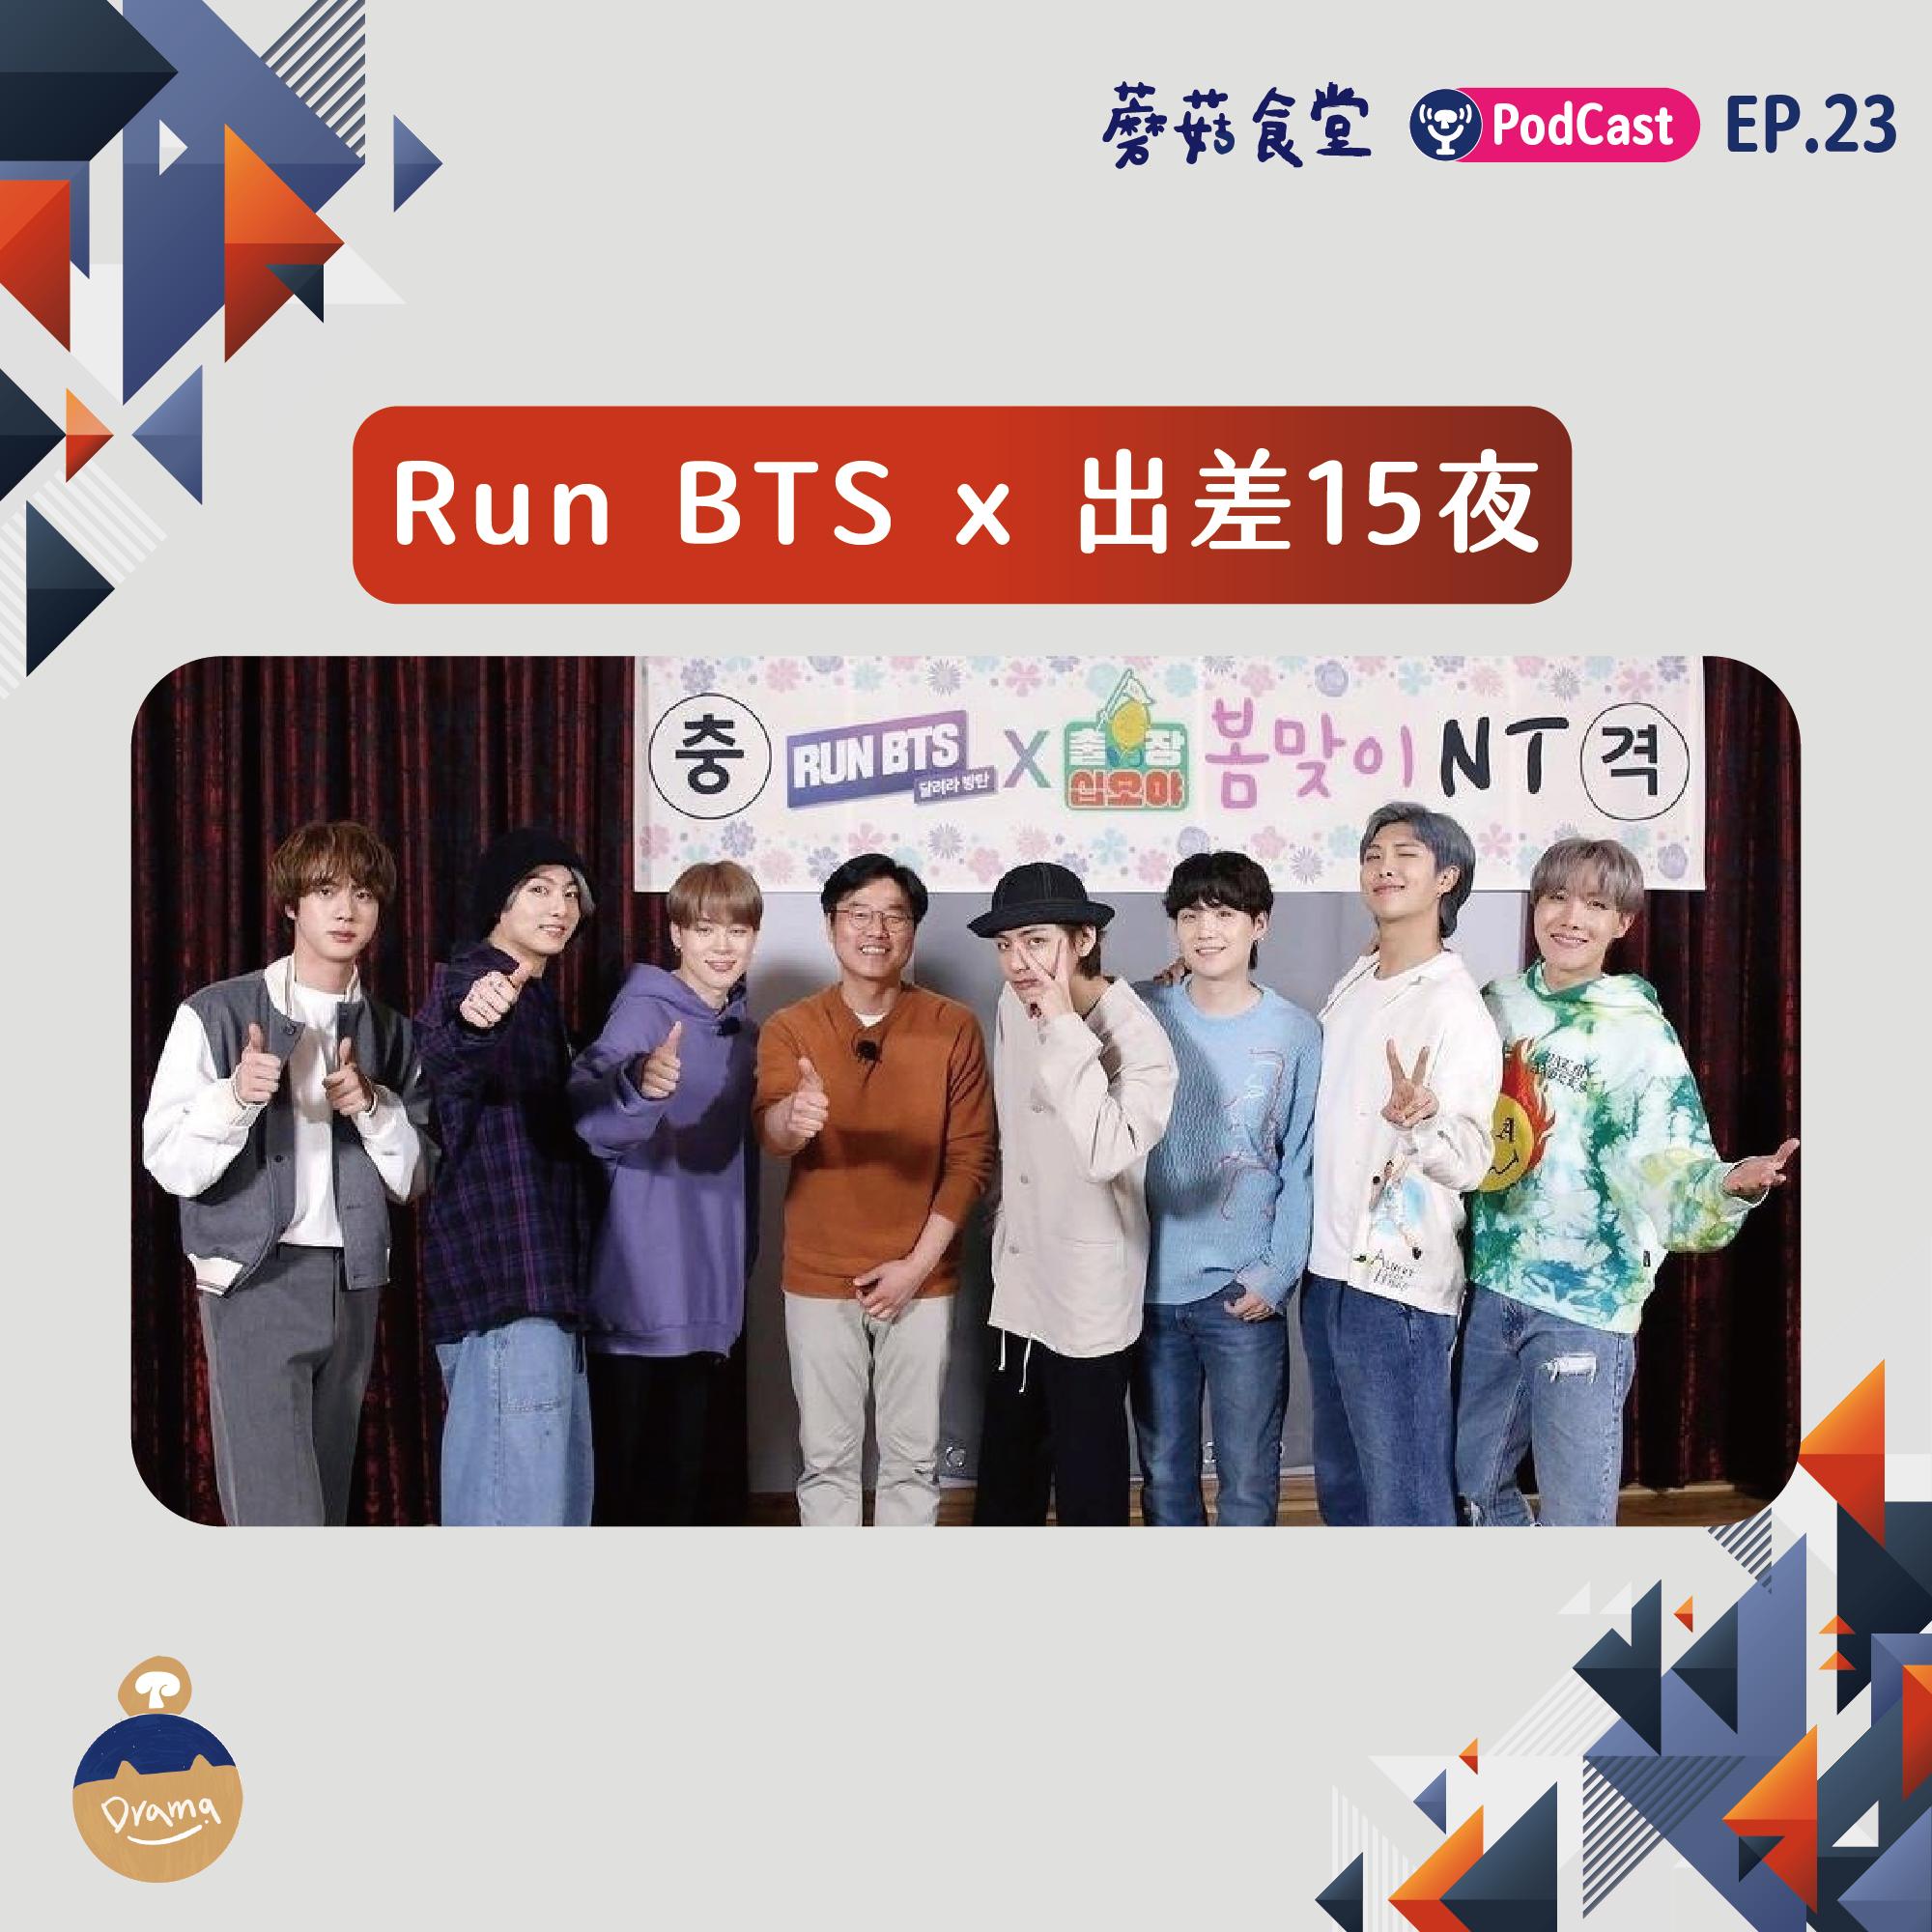 Ep23:當BTS遇上羅PD|Run BTS  X 出差15夜 夢幻連動特輯